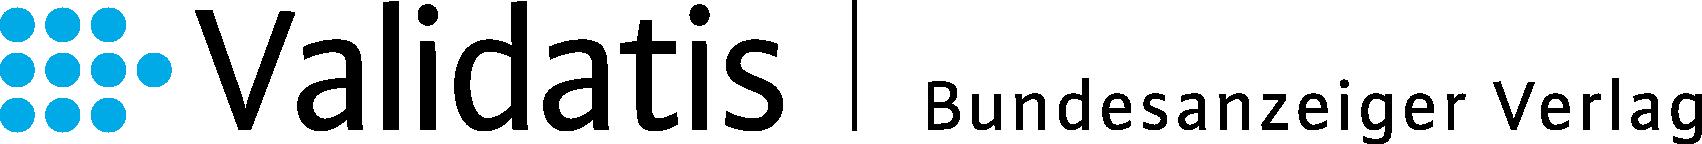 Validatis Logo